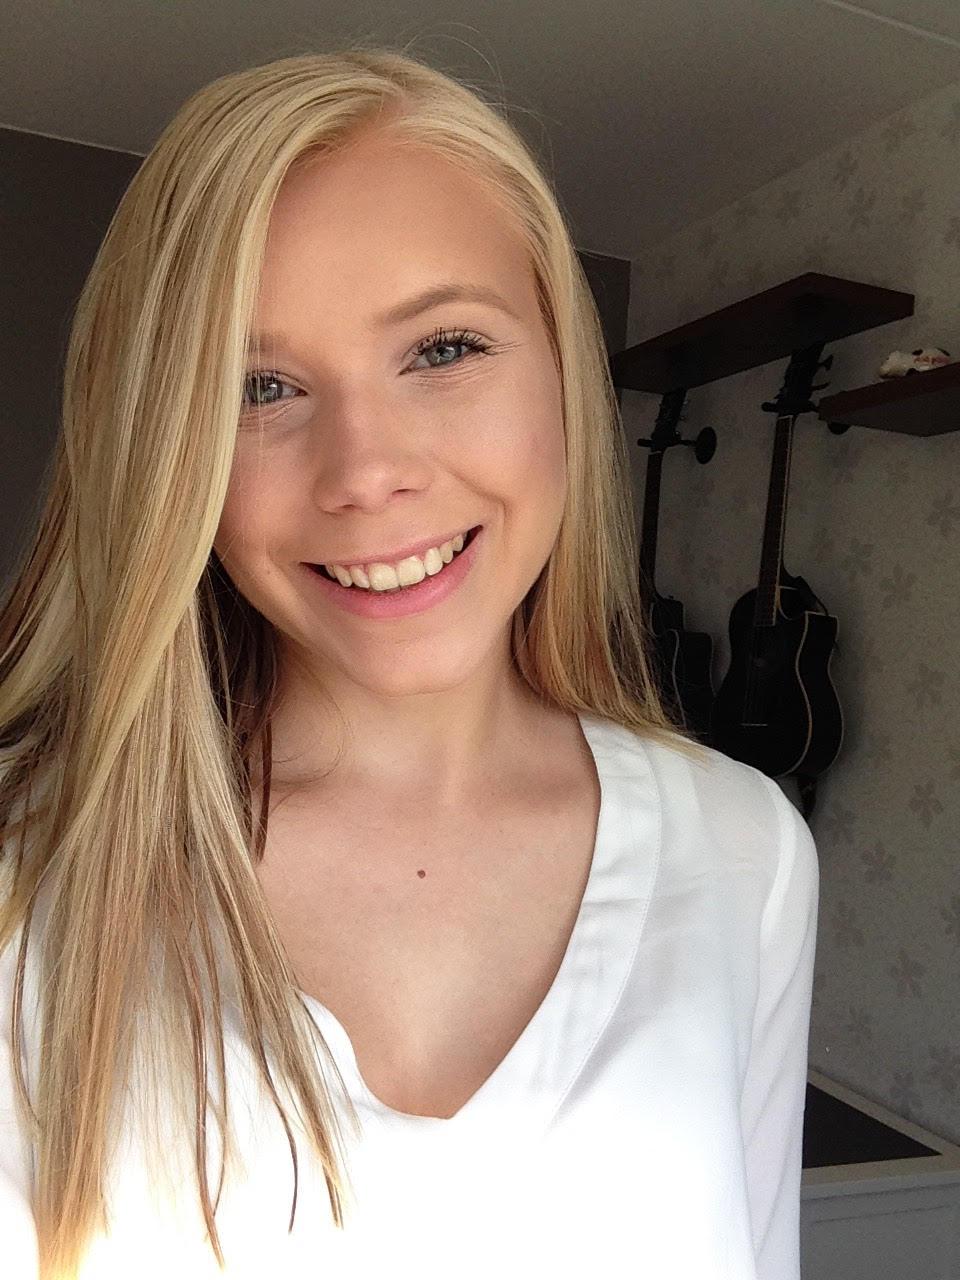 ROOSA LAAKSO, 20, HYVINKÄÄ